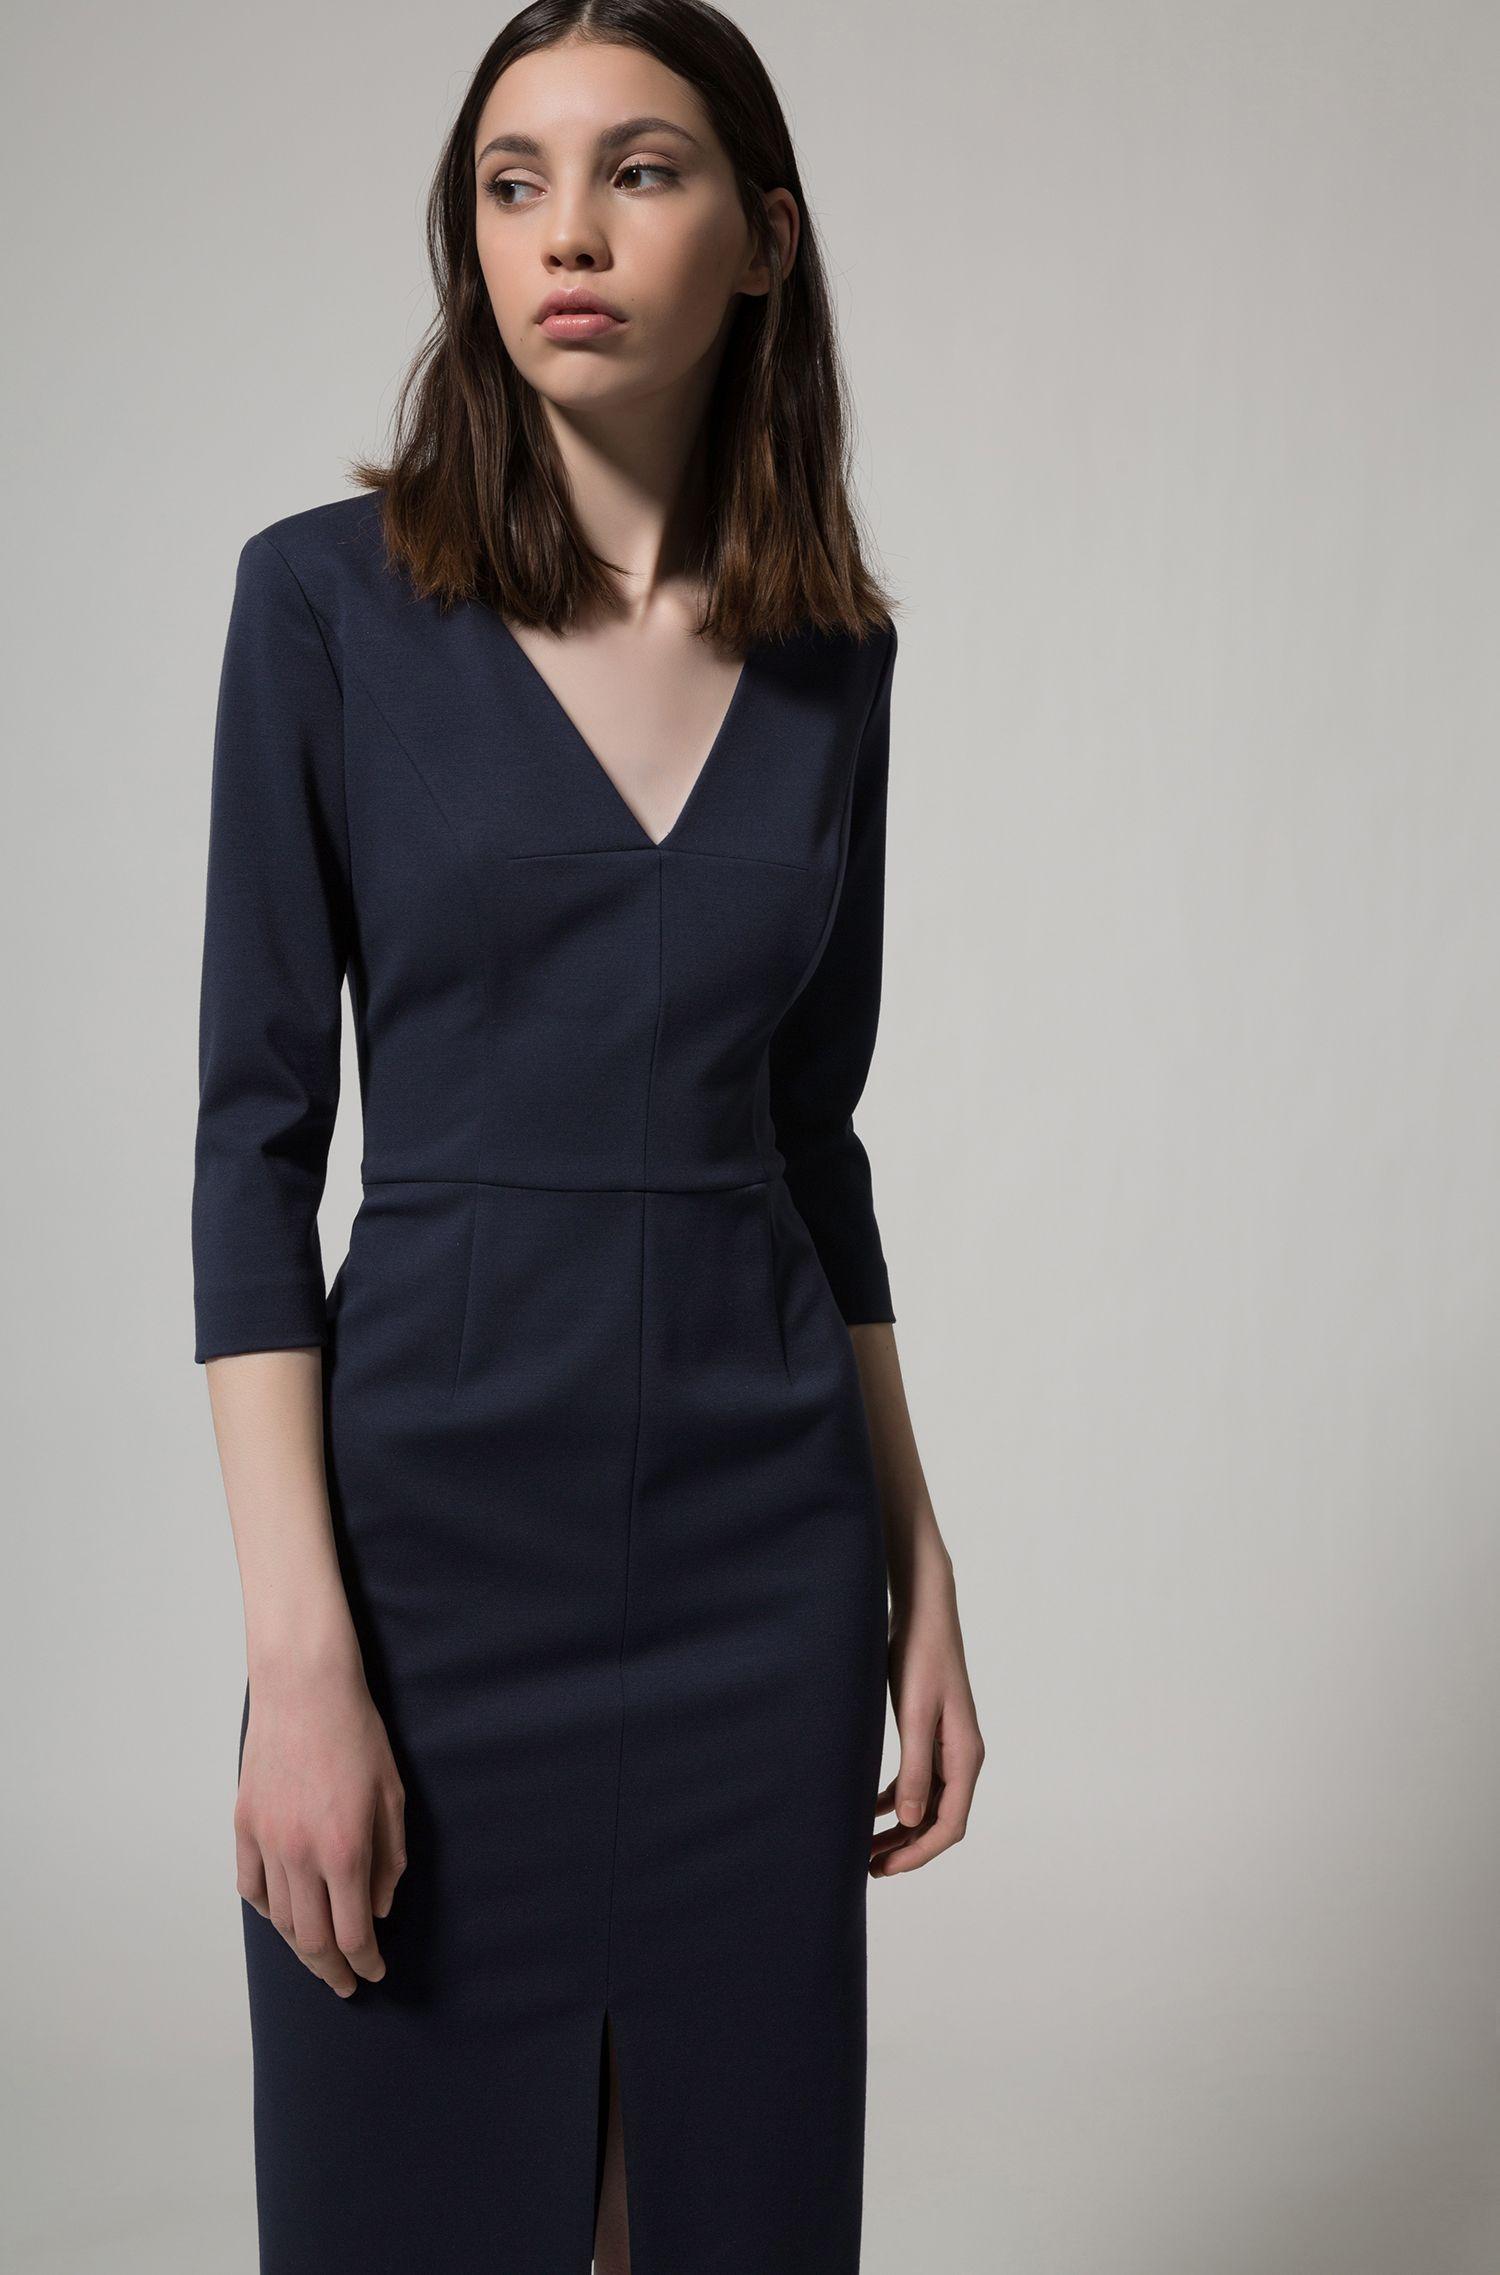 Kleid aus Stretch-Jersey mit tiefem V-Ausschnitt